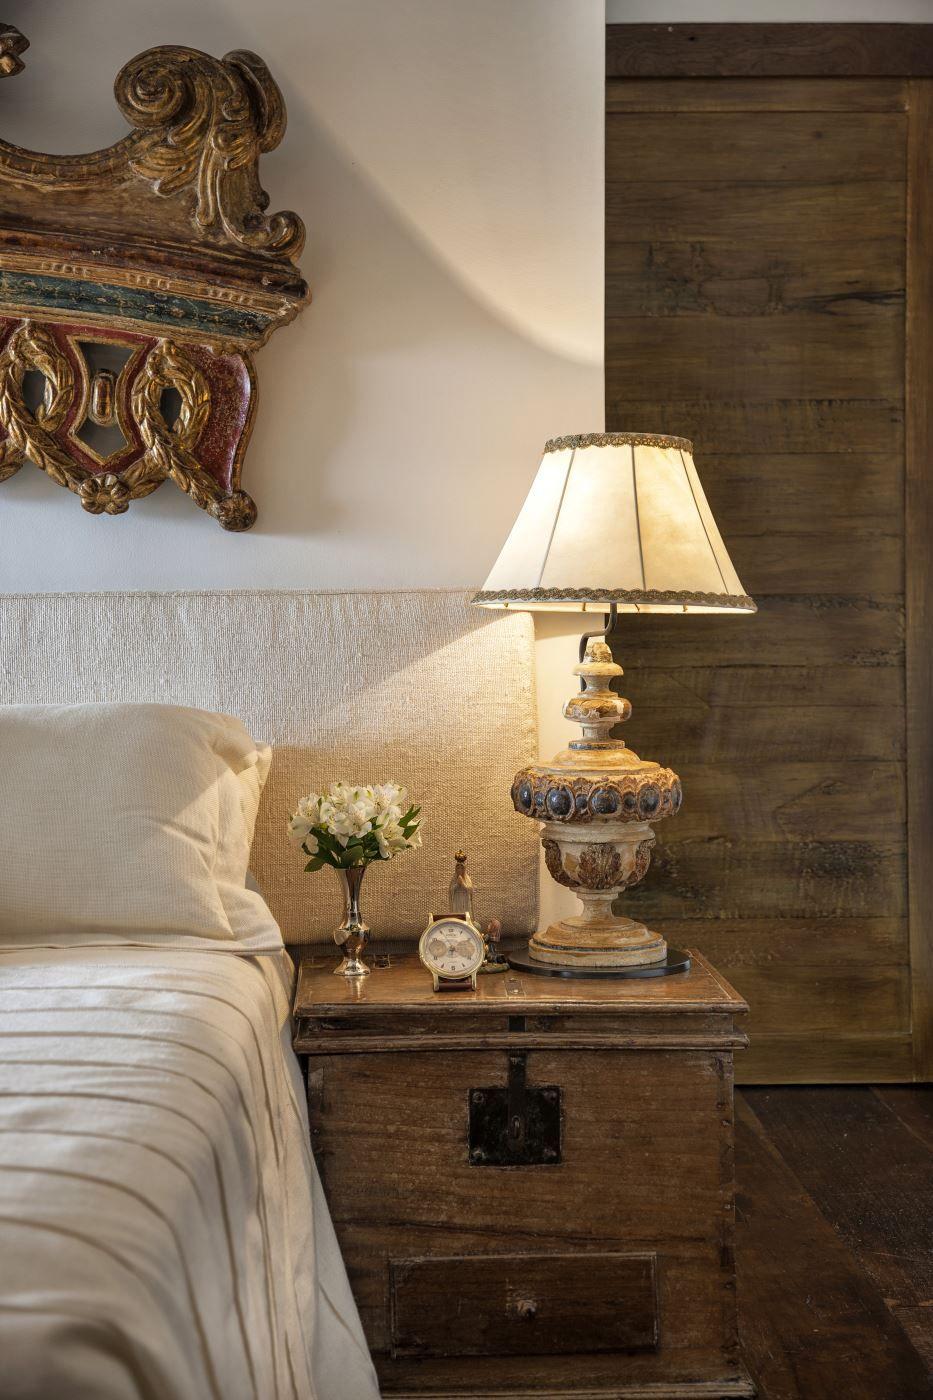 Casa de fazenda rústica e sofisticada maravilhosa! Entre e conheça todos os ambientes! Eu ufe0f